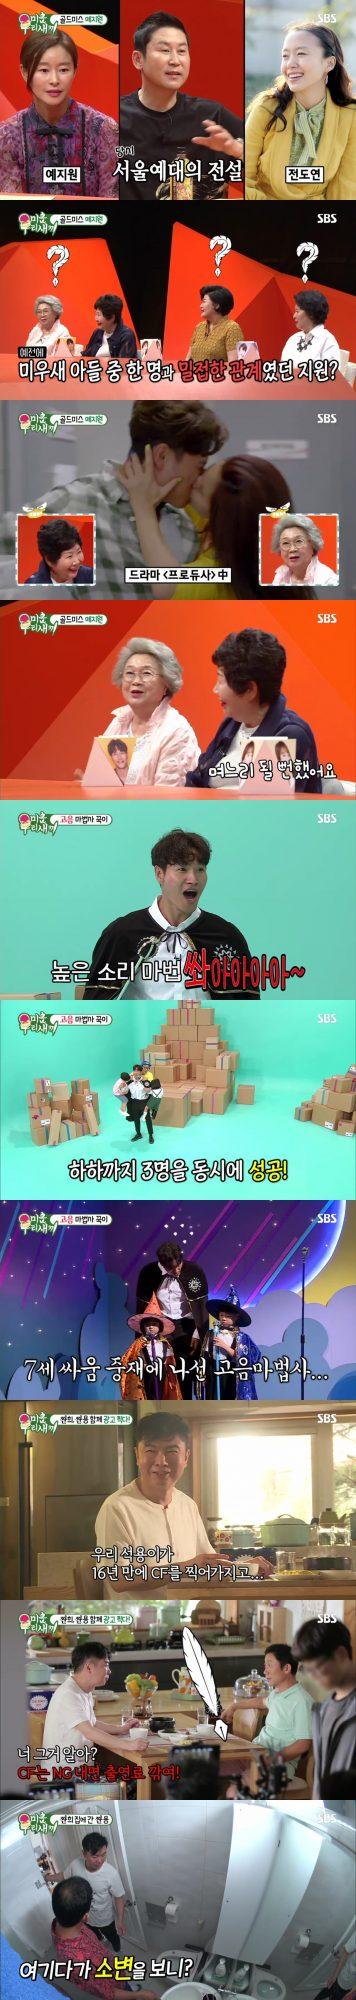 '미우새' 방송 화면. /사진제공=SBS